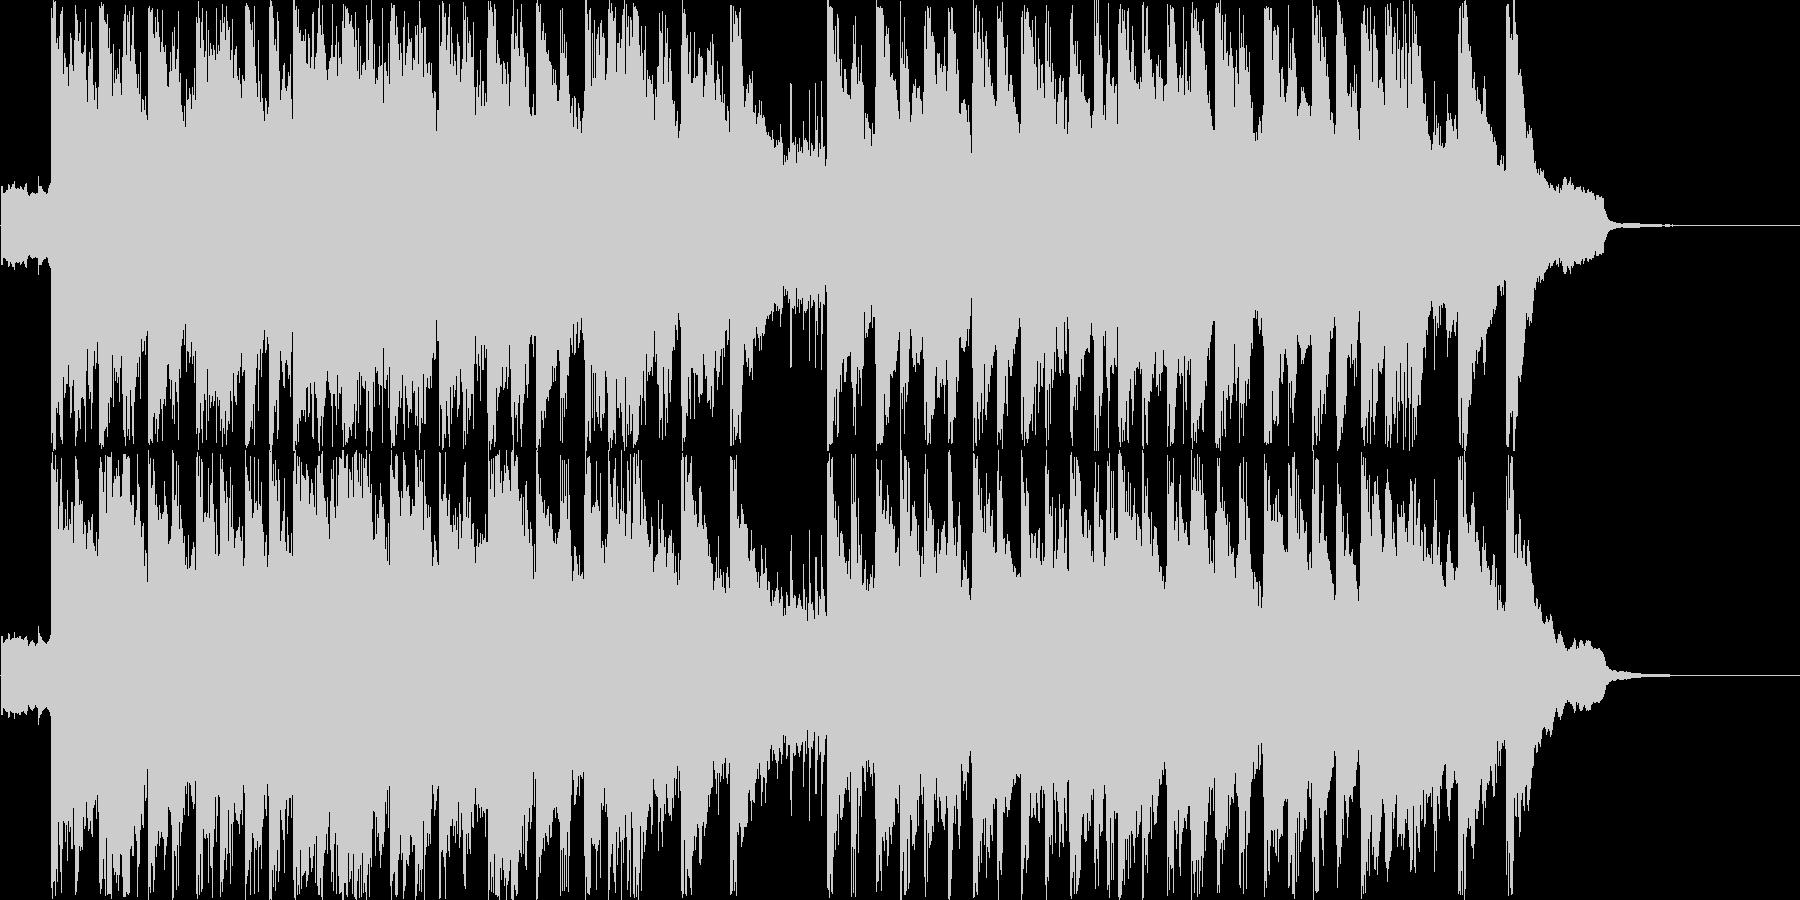 テンポの良いポップス シンセピアノの未再生の波形